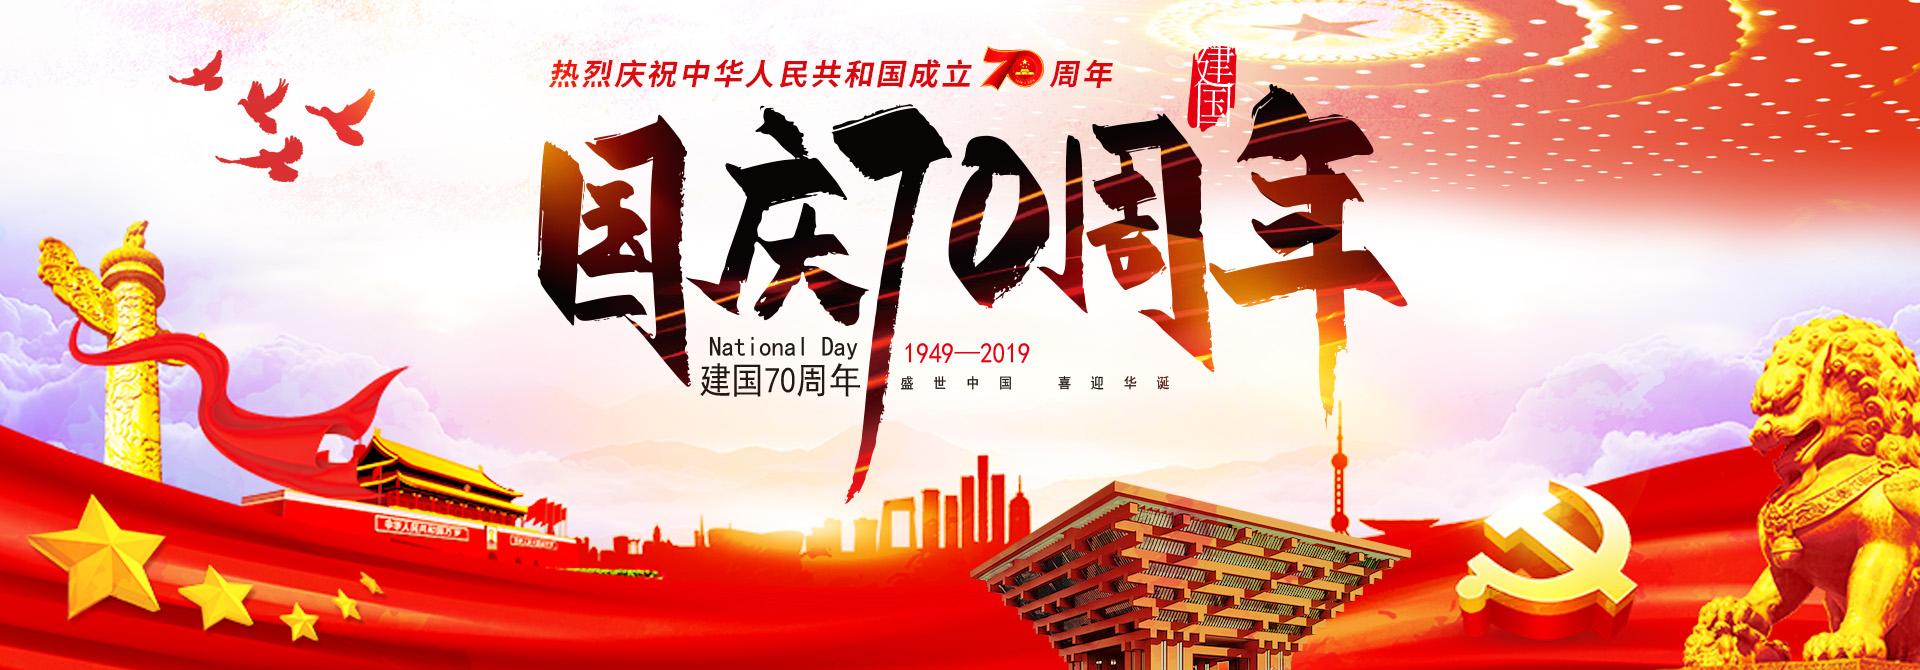 武汉市拜乐卫生科技有限公司